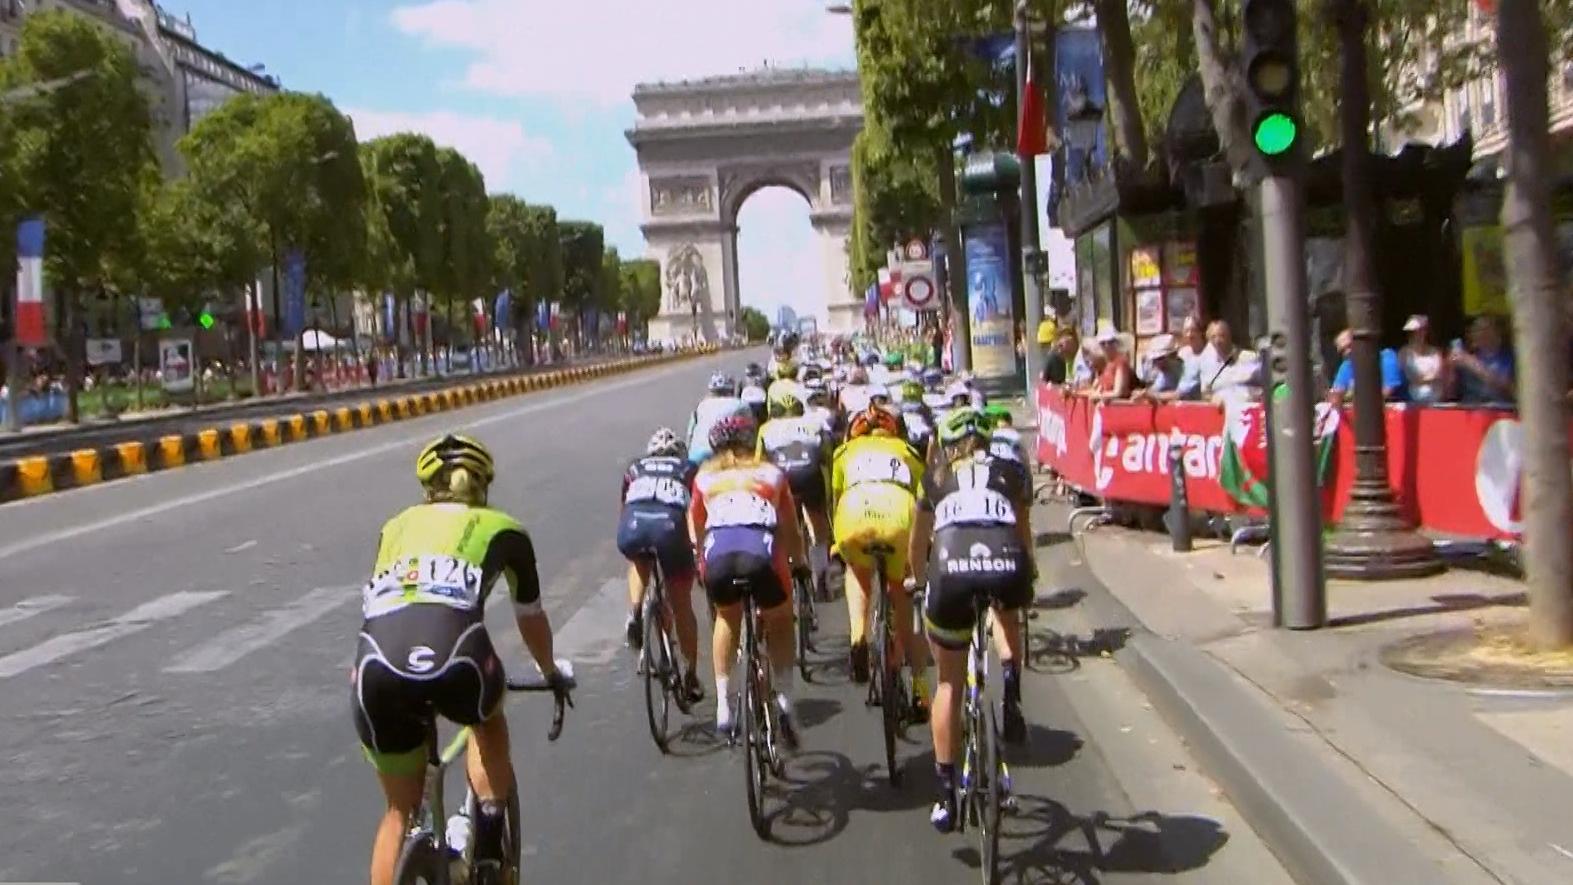 2407_la_course_tour_de_france_kvinder.mxf_.14_03_52_07.still001.jpg